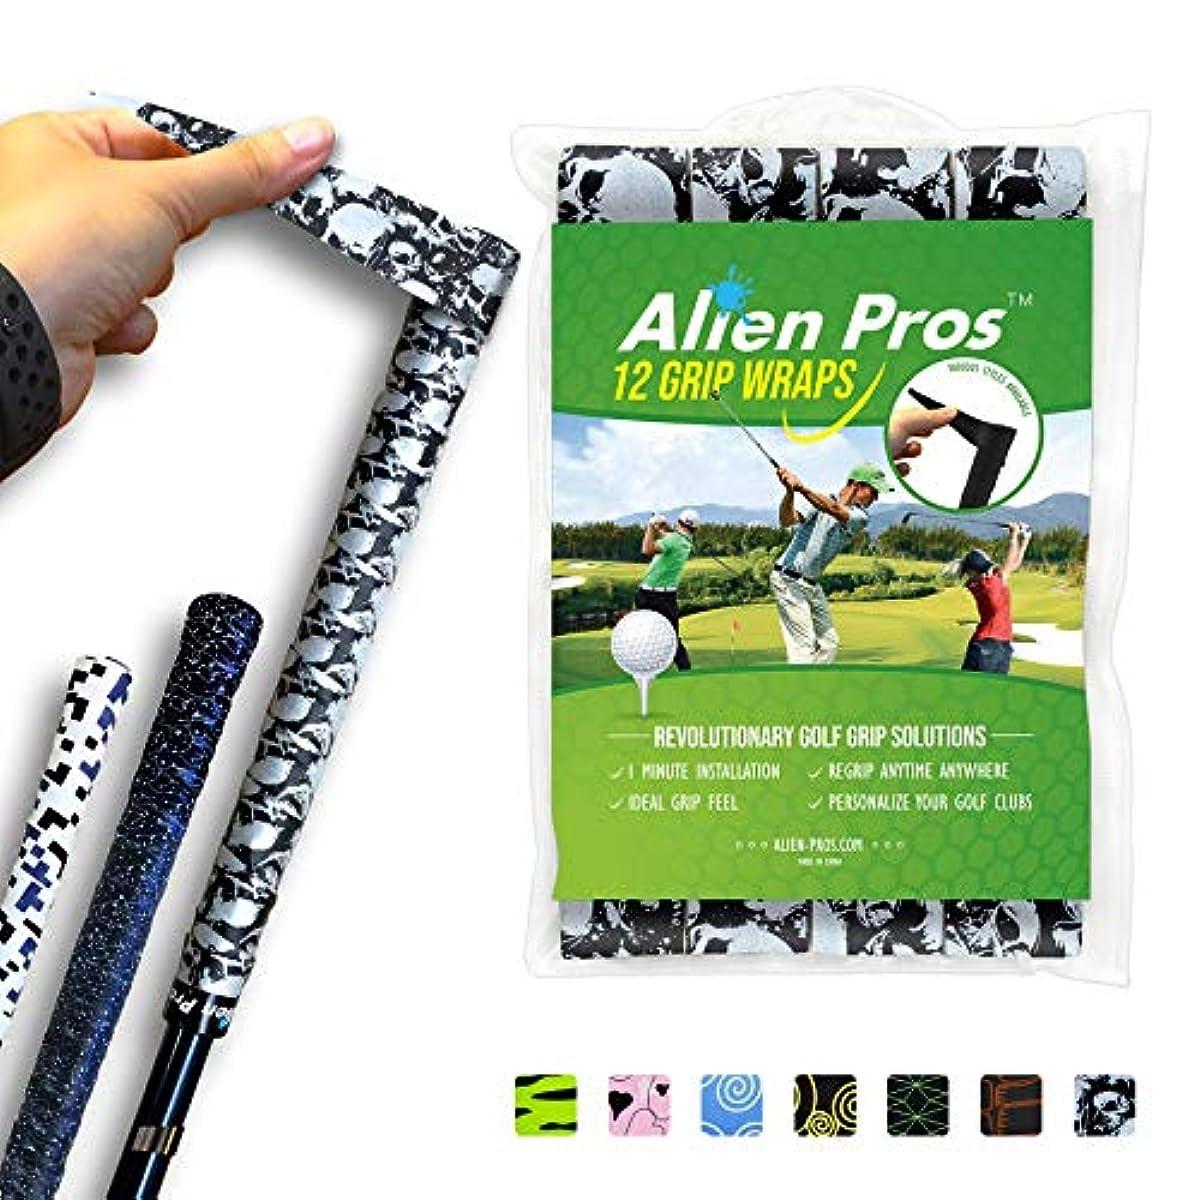 [해외] ALIEN PROS 골프 랩핑 테이프(I/6/12/24 개세트) - 혁신 적인 골프 클럽 그립 솔루션-1 분이내에,새로운 그립으로 일변합성피혁니다.